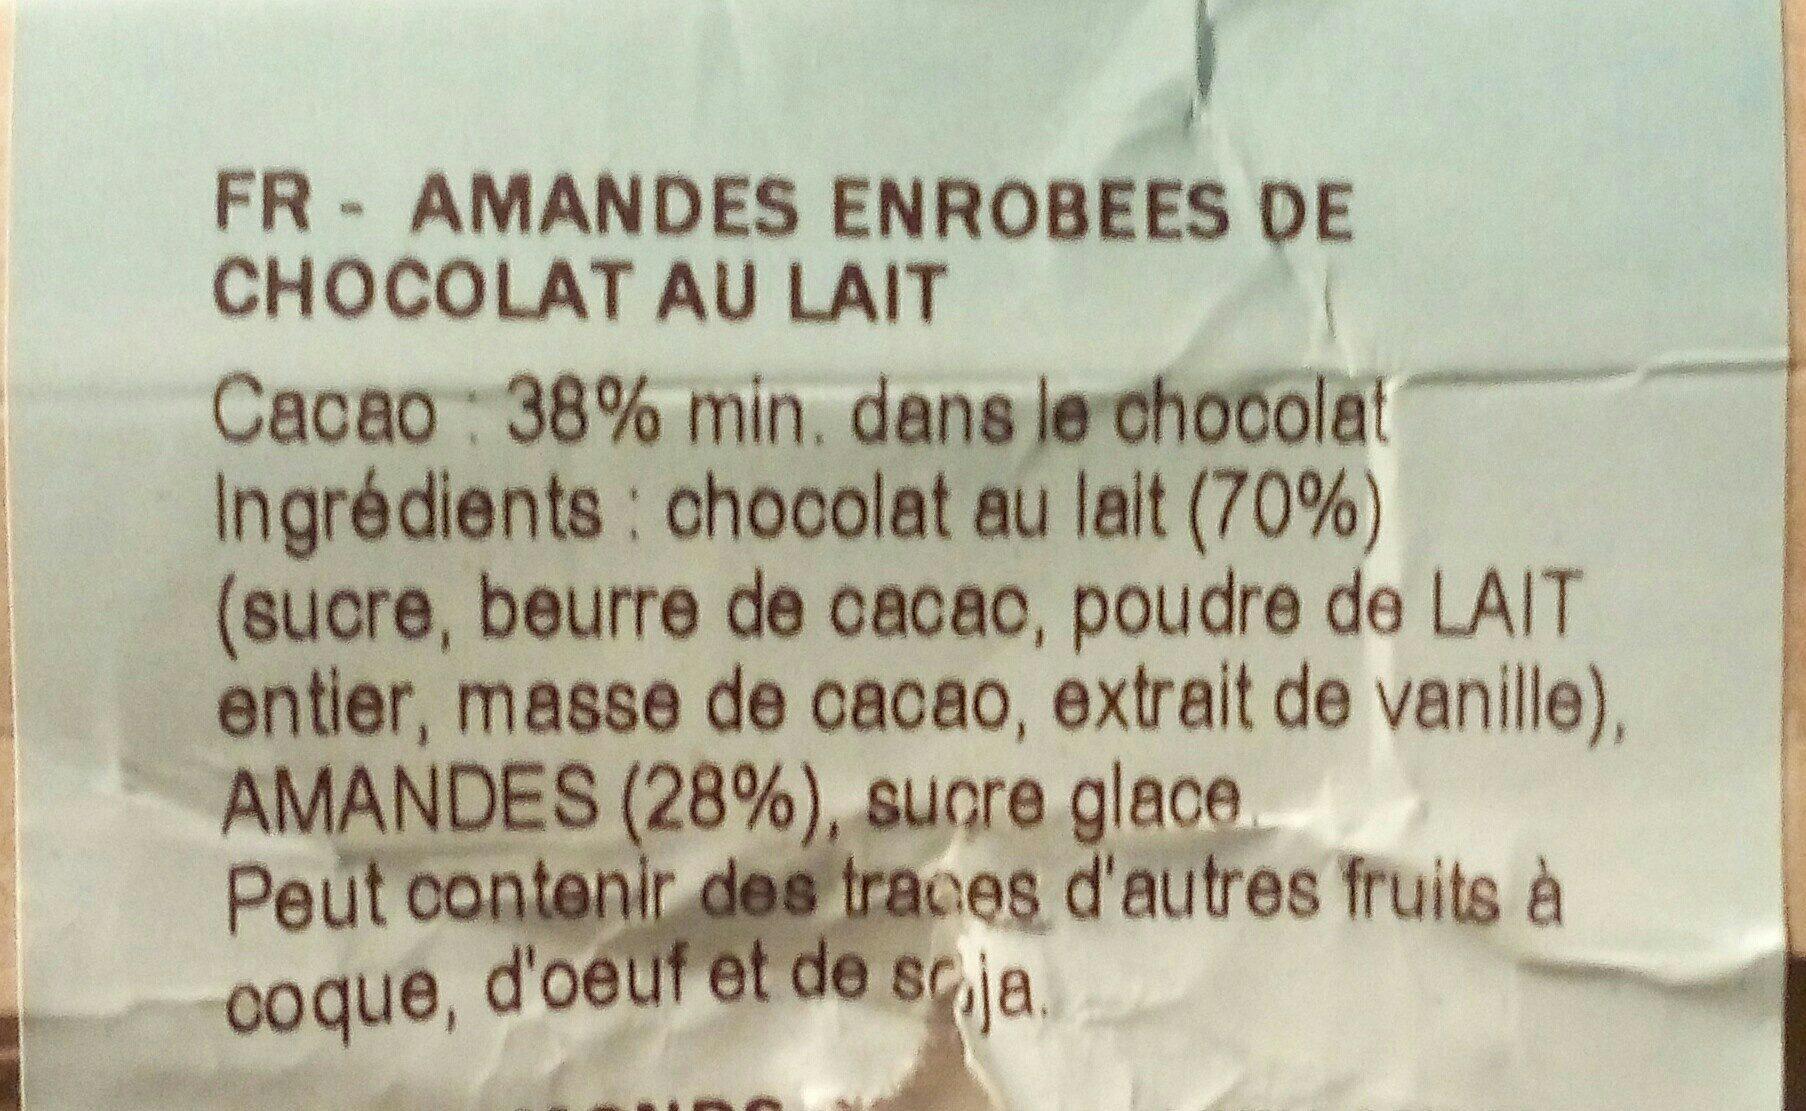 Amandes enrobees de chocolat au lait - Ingrédients